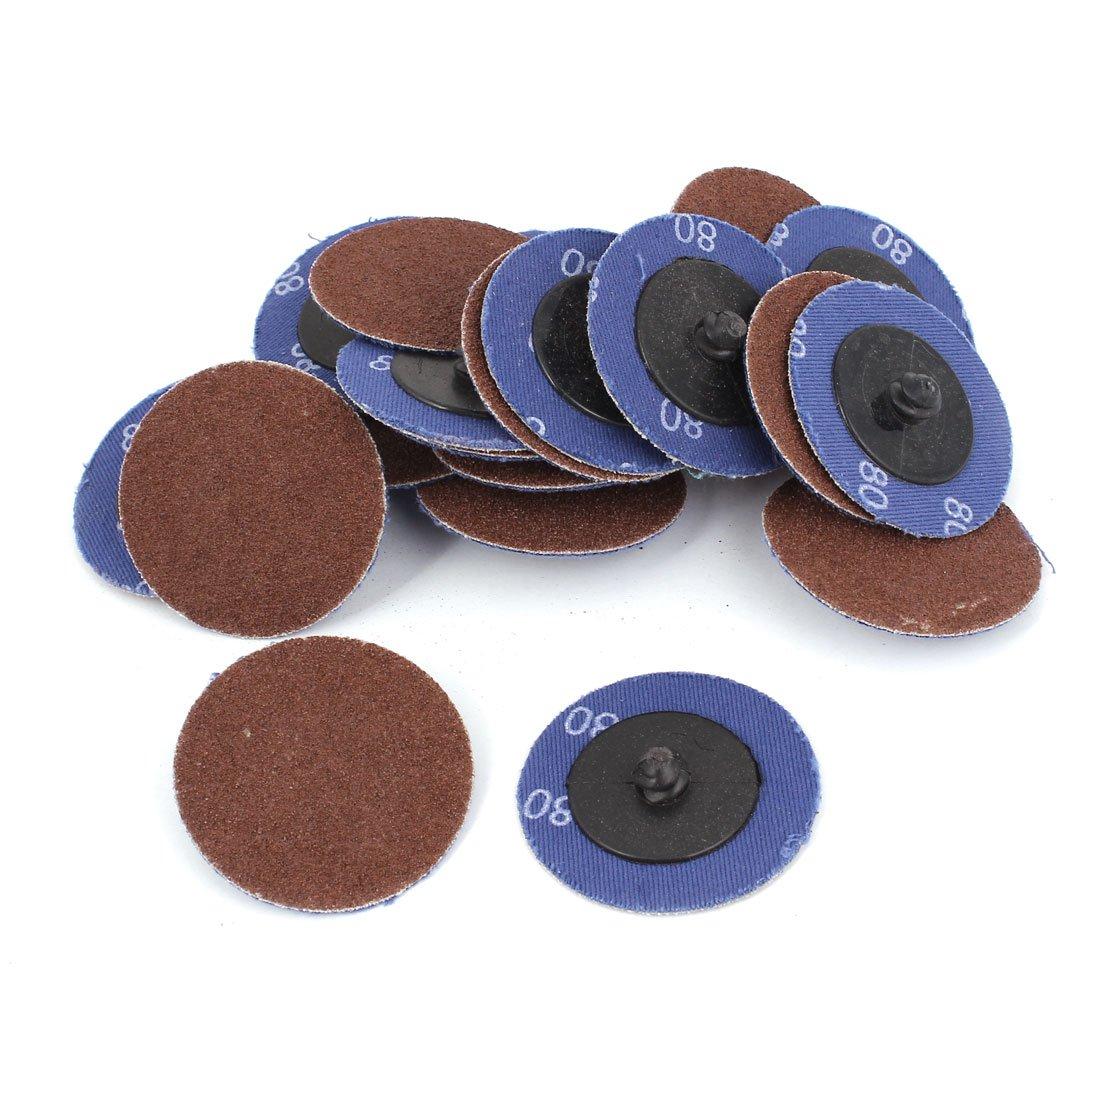 sourcing map Ponceuse 50mm 2' Dia n° 80 disques polissage ponçage verre grain roue 40pcs a14121000ux0531